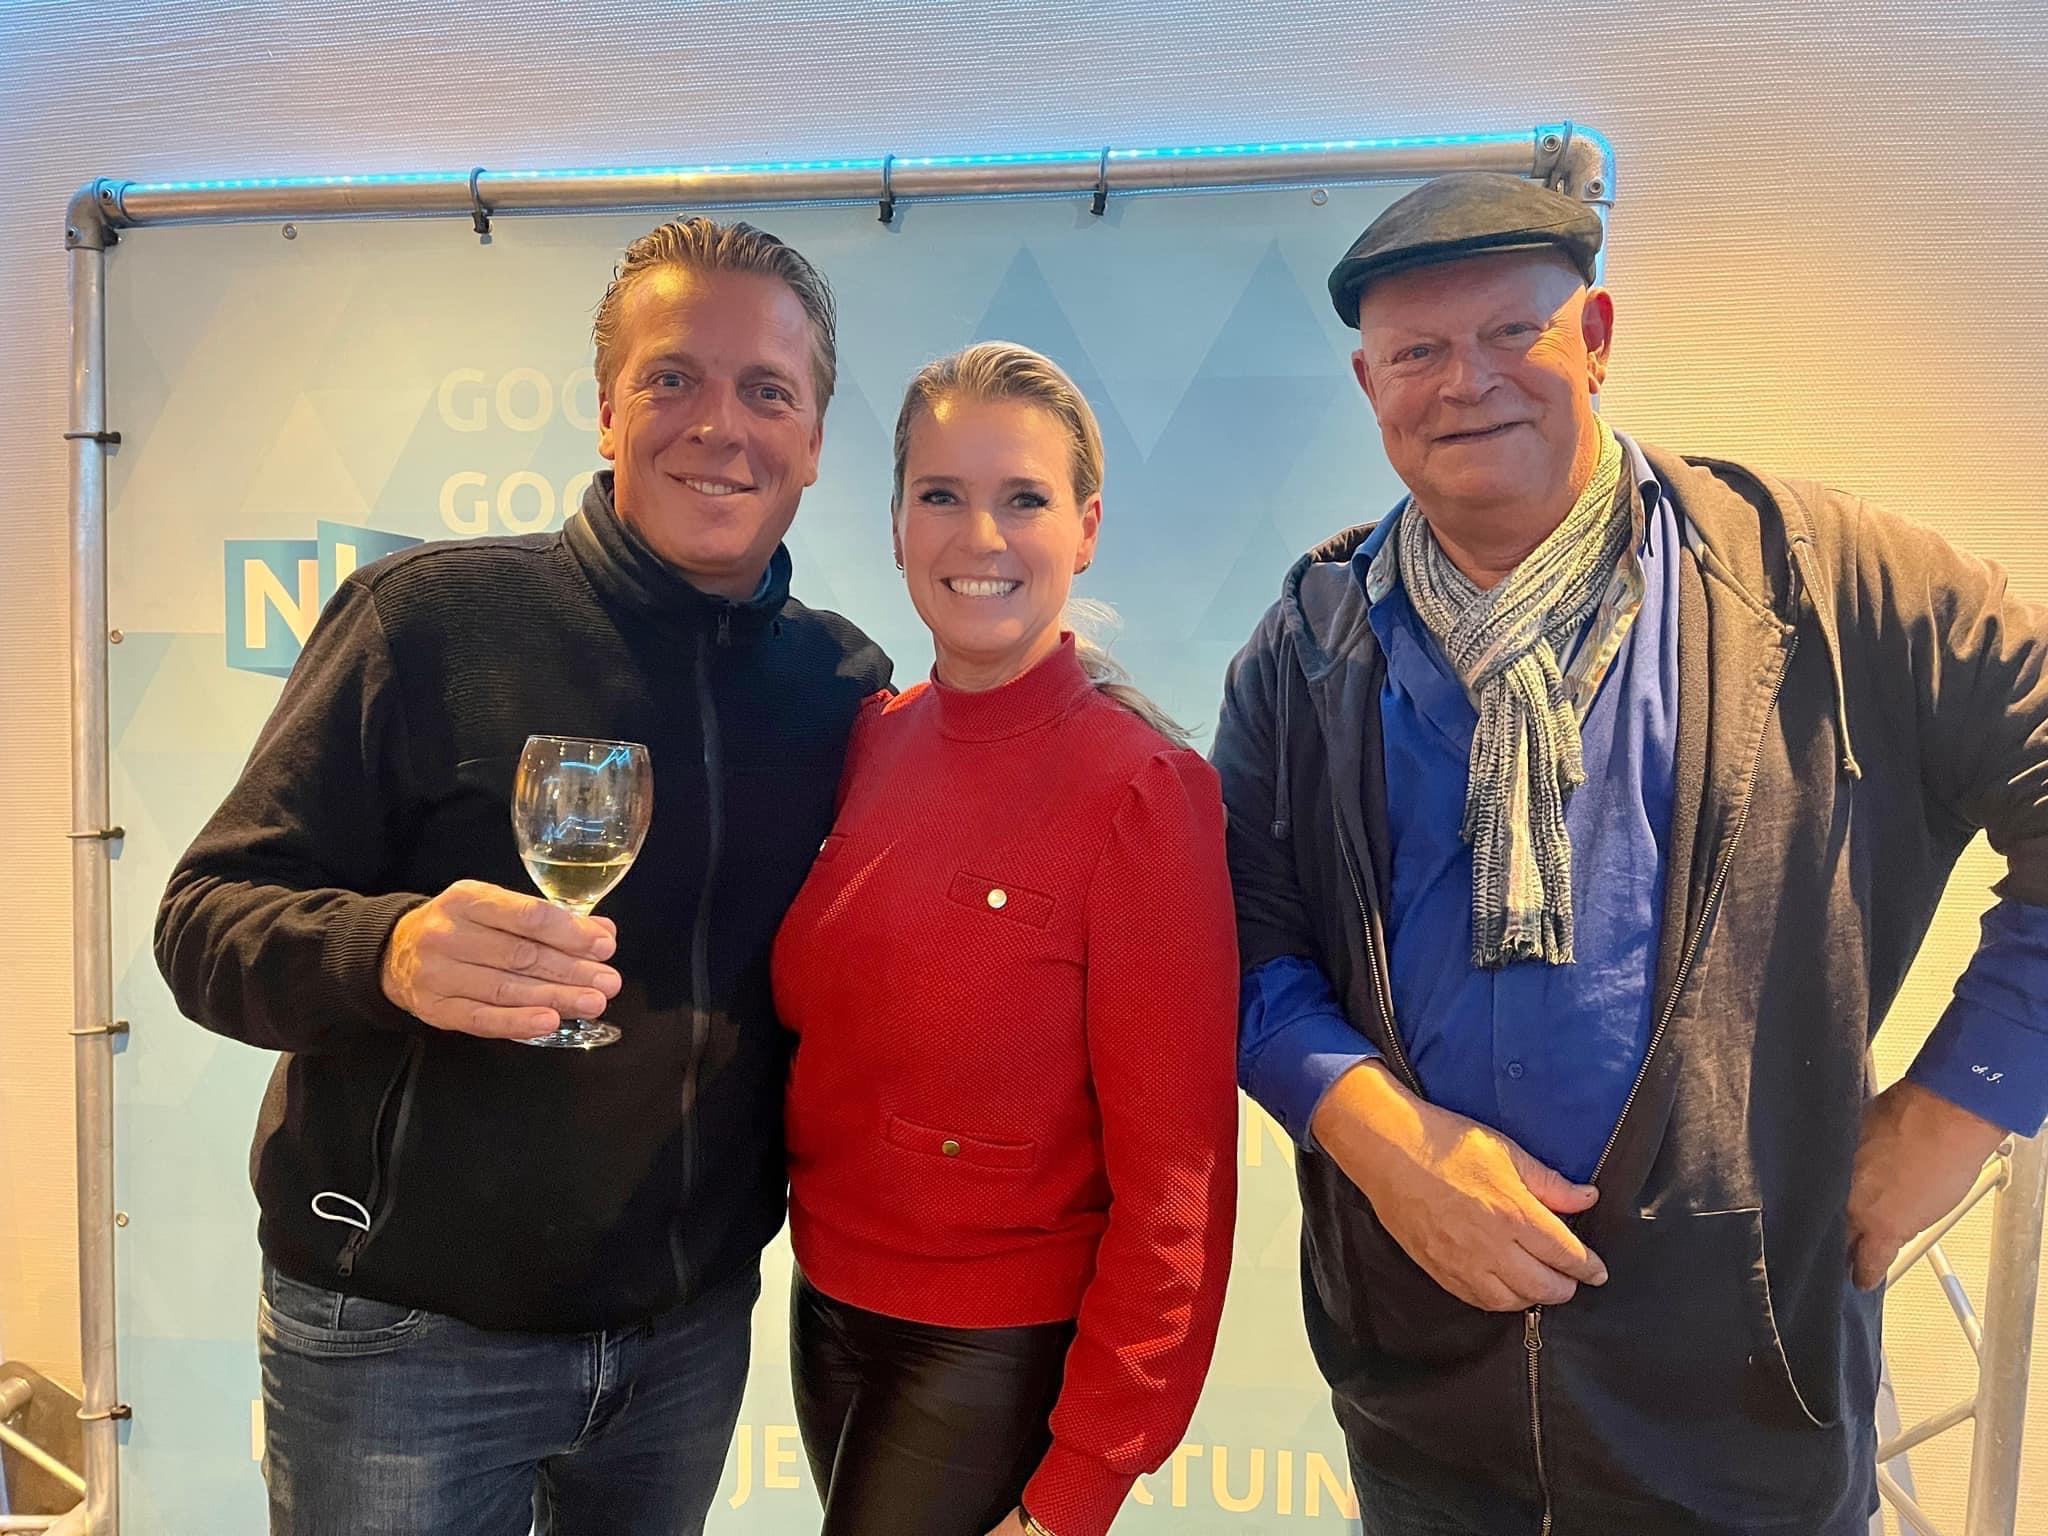 Gooische Business - The Traveller opent nieuw restaurant in Amsterdam